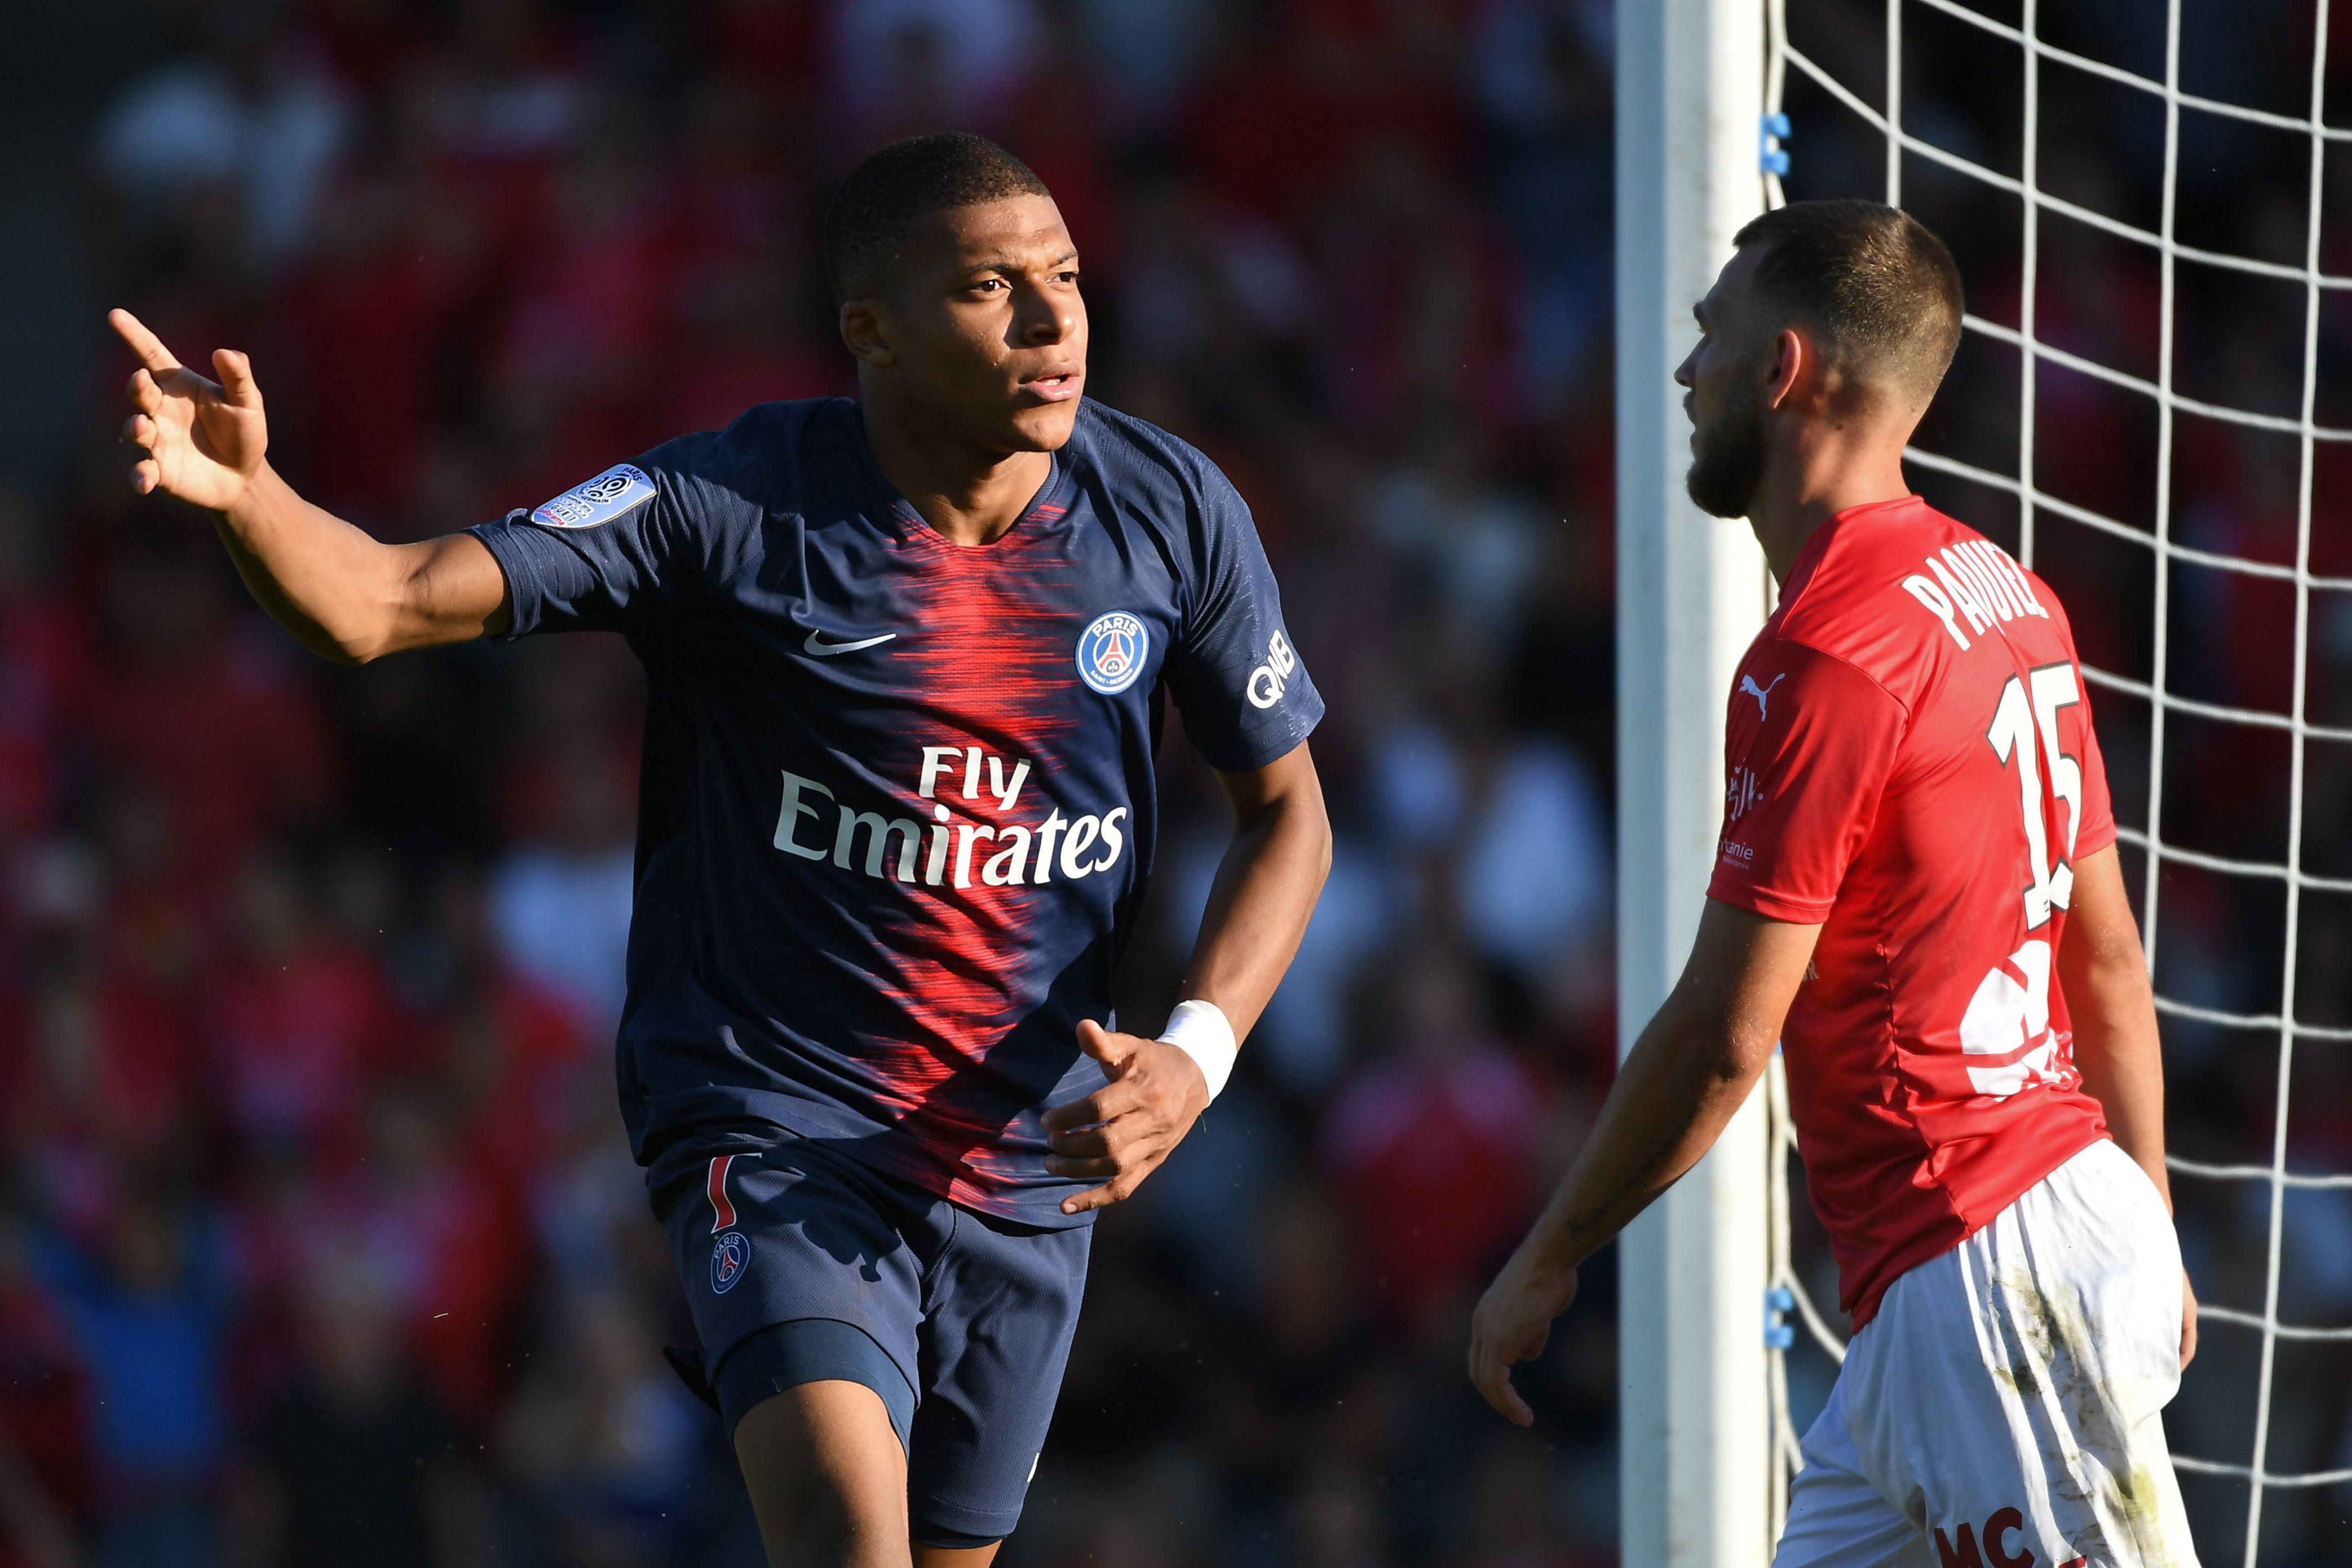 Le Psg S En Sort A Nimes Mbappe Brille Puis Craque Ligue 1 Football